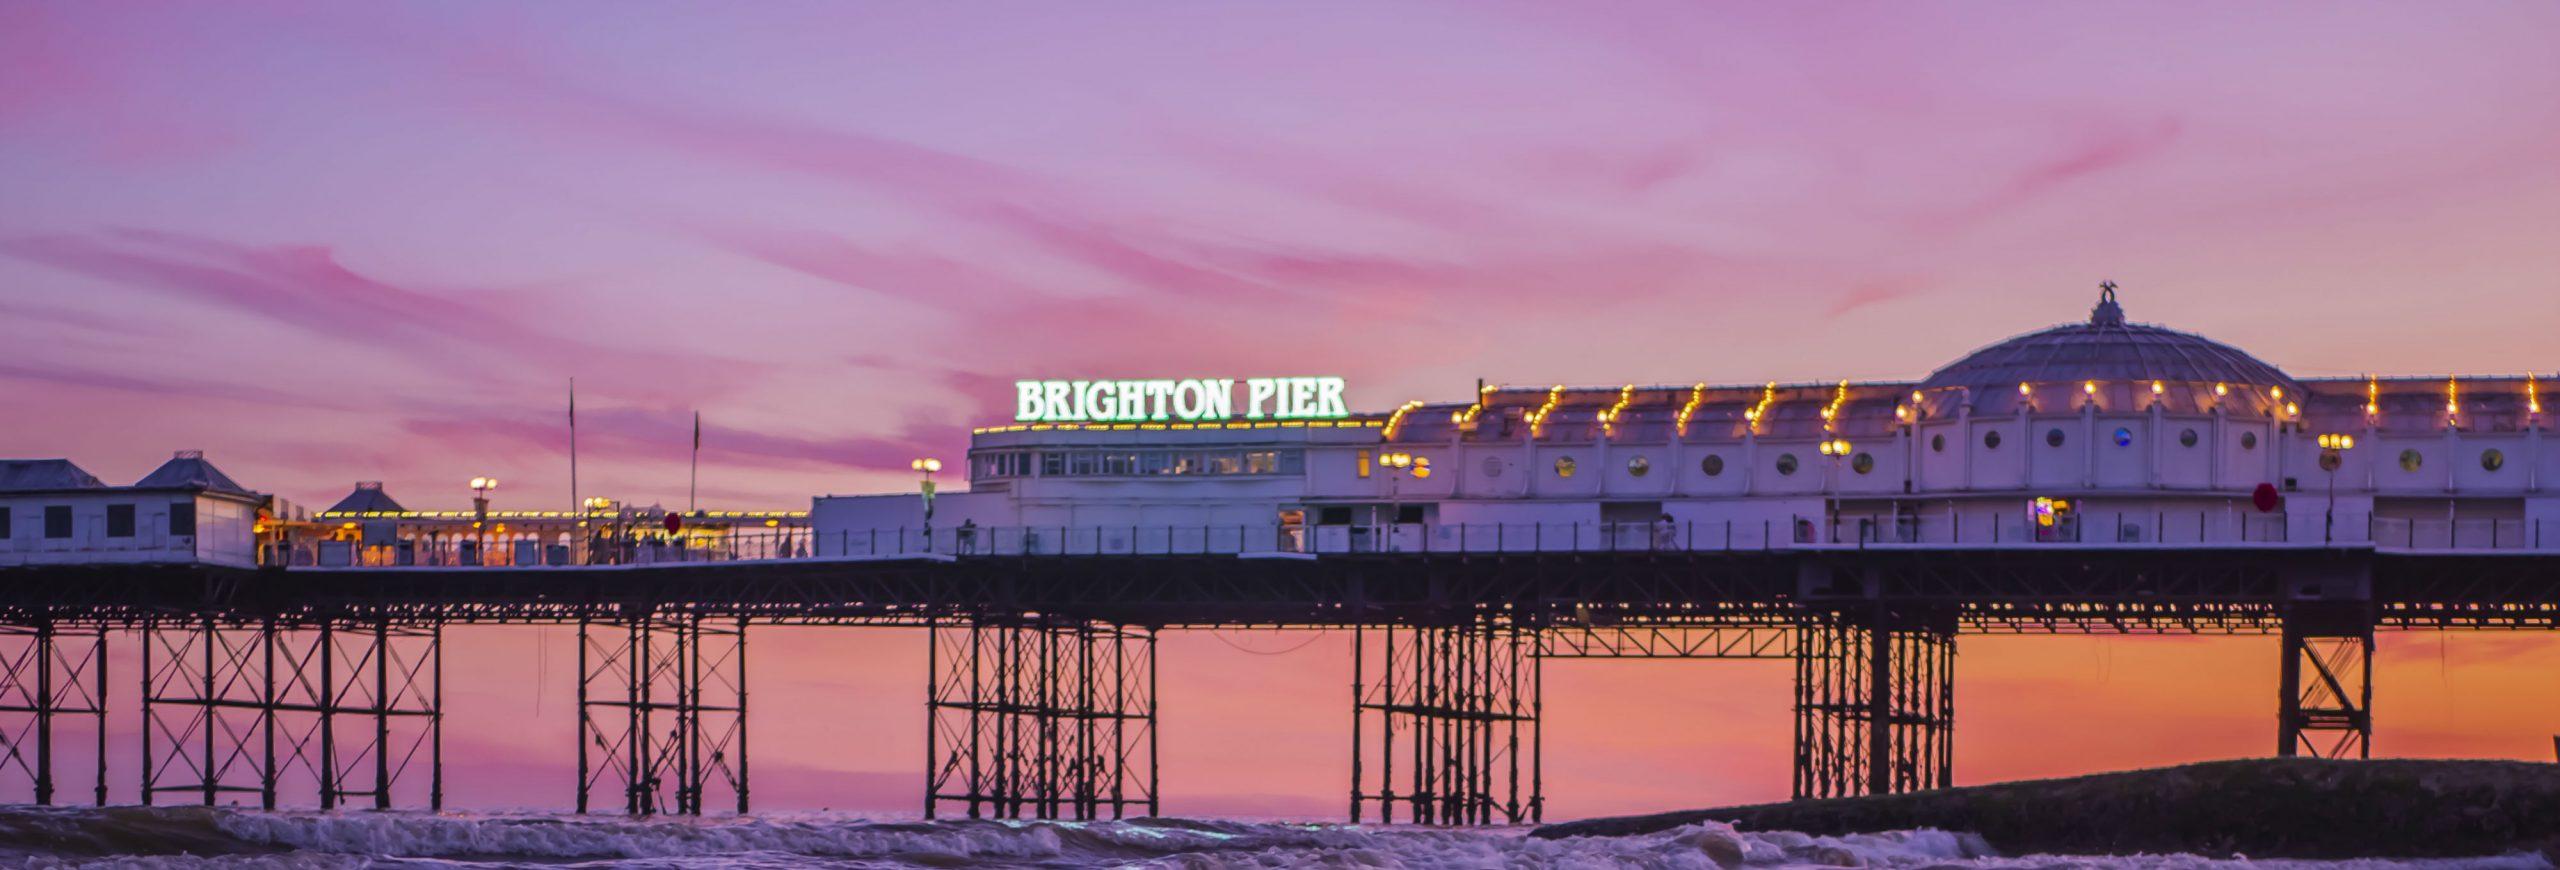 pier Brighton Networking lunch club ladies women